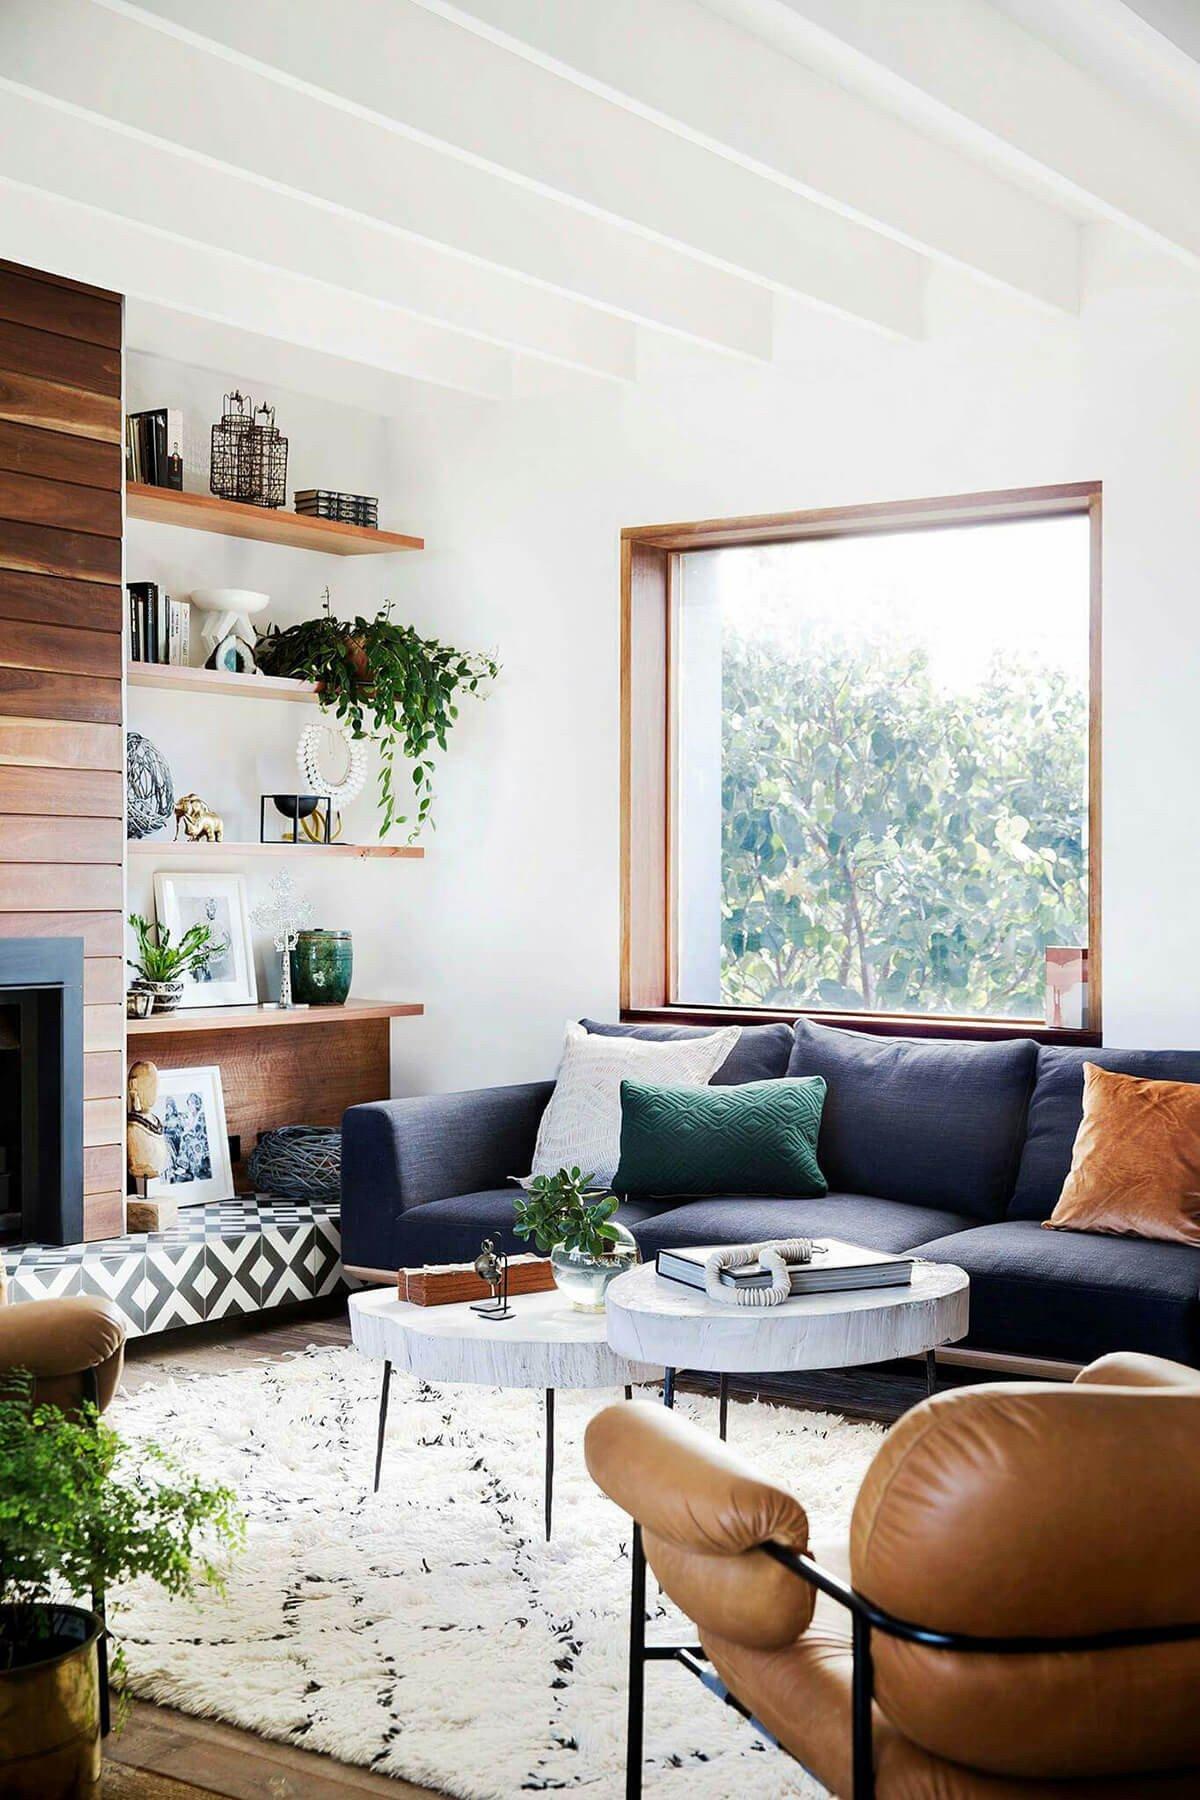 Modern Living Room Decor Ideas Unique 26 Best Modern Living Room Decorating Ideas and Designs